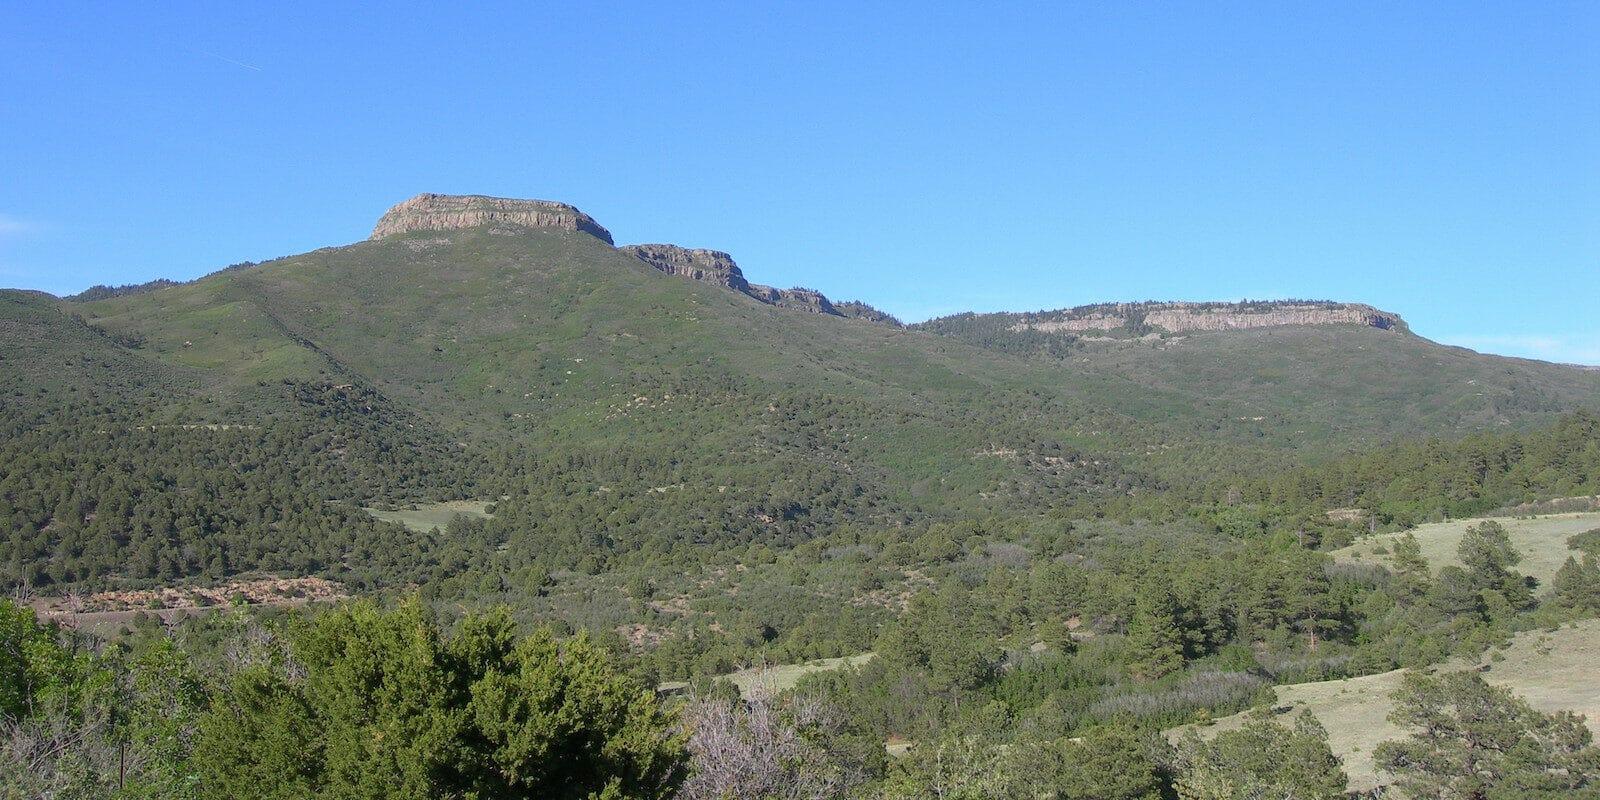 Image of Fishers Peak in Trinidad, Colorado